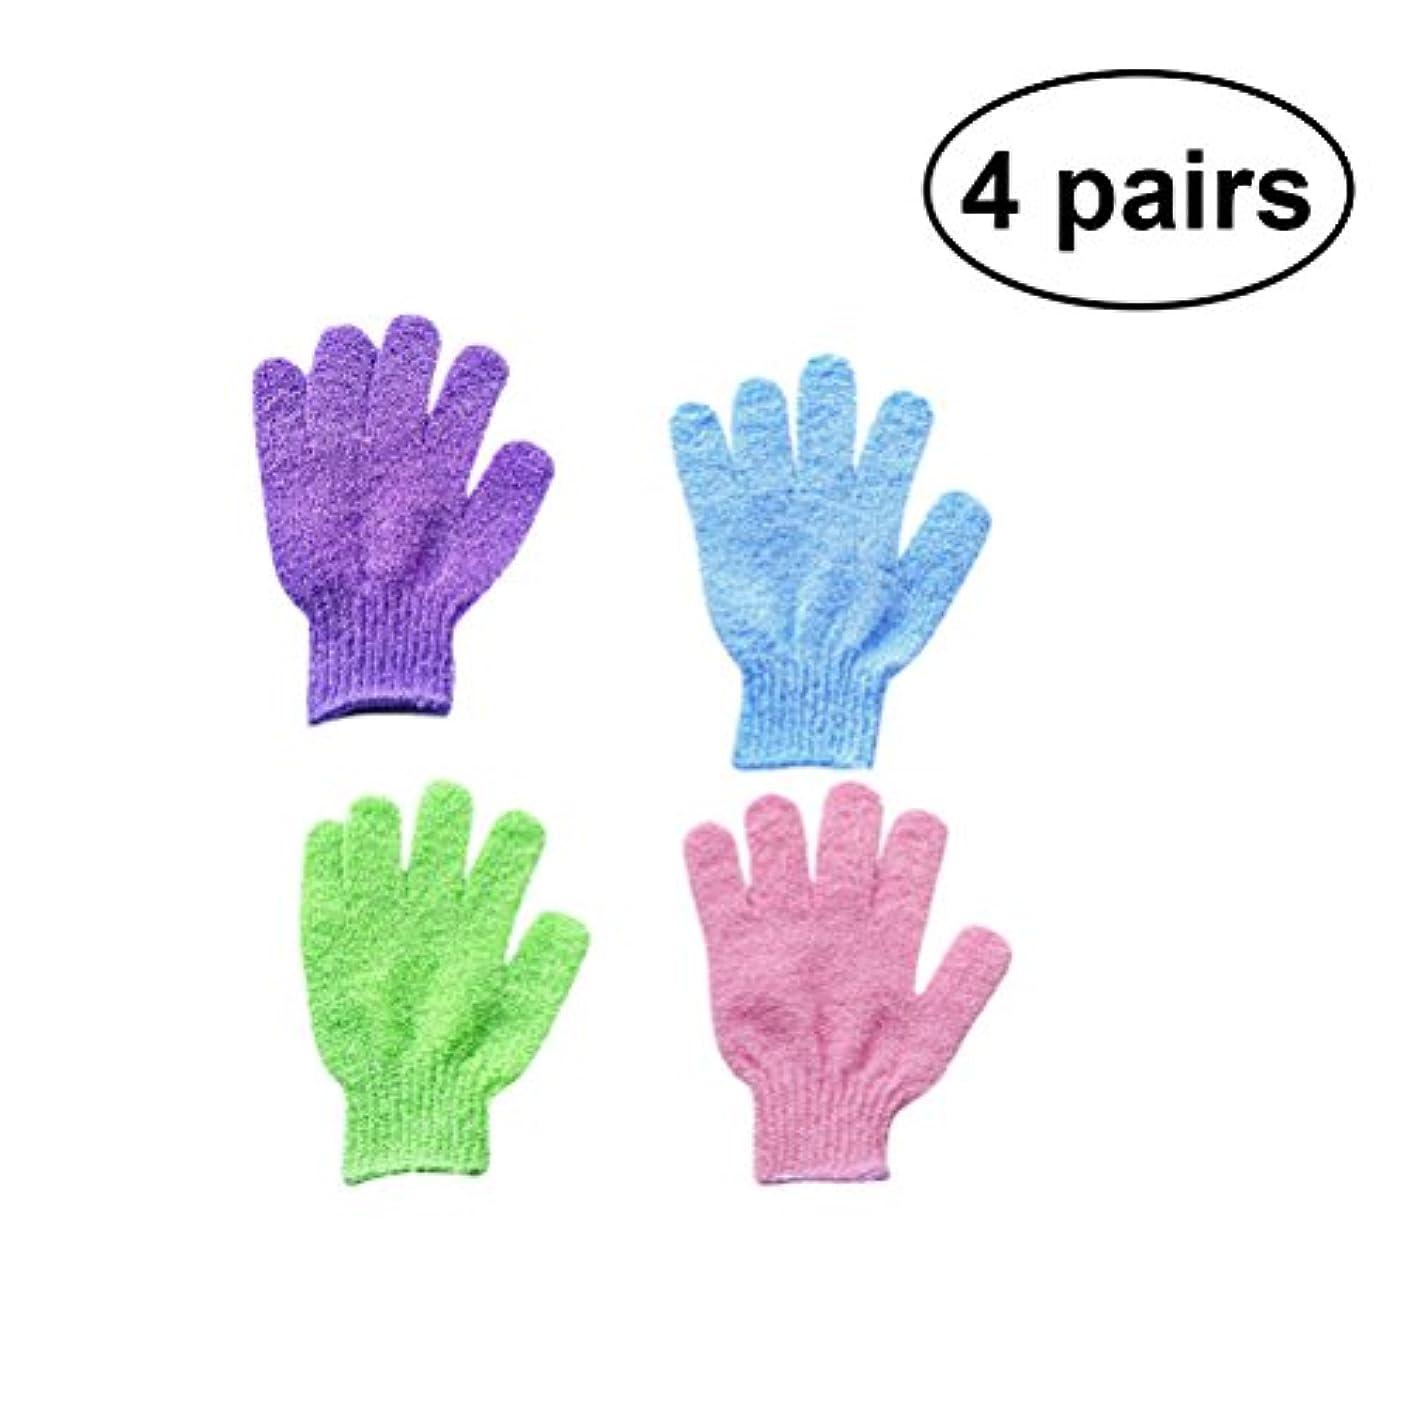 汚染する夕方砂利Healifty 4 Pairs Exfoliating Bath Gloves Shower Mitts Exfoliating Body Spa Massage Dead Skin Cell Remover